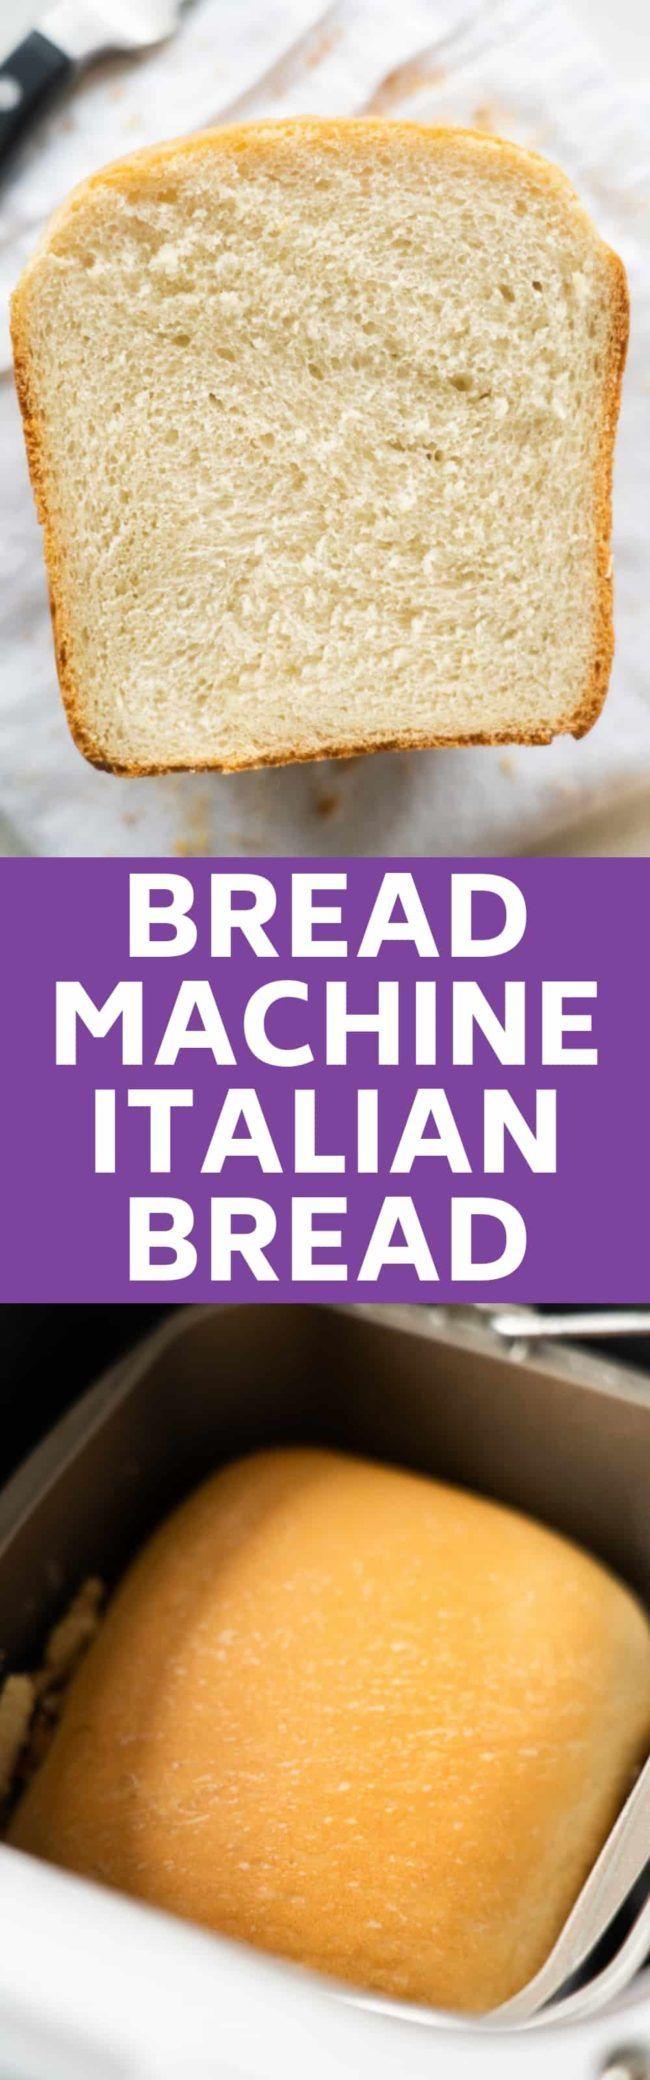 Bread Machine Italian Bread | Recipe in 2020 | Italian ...